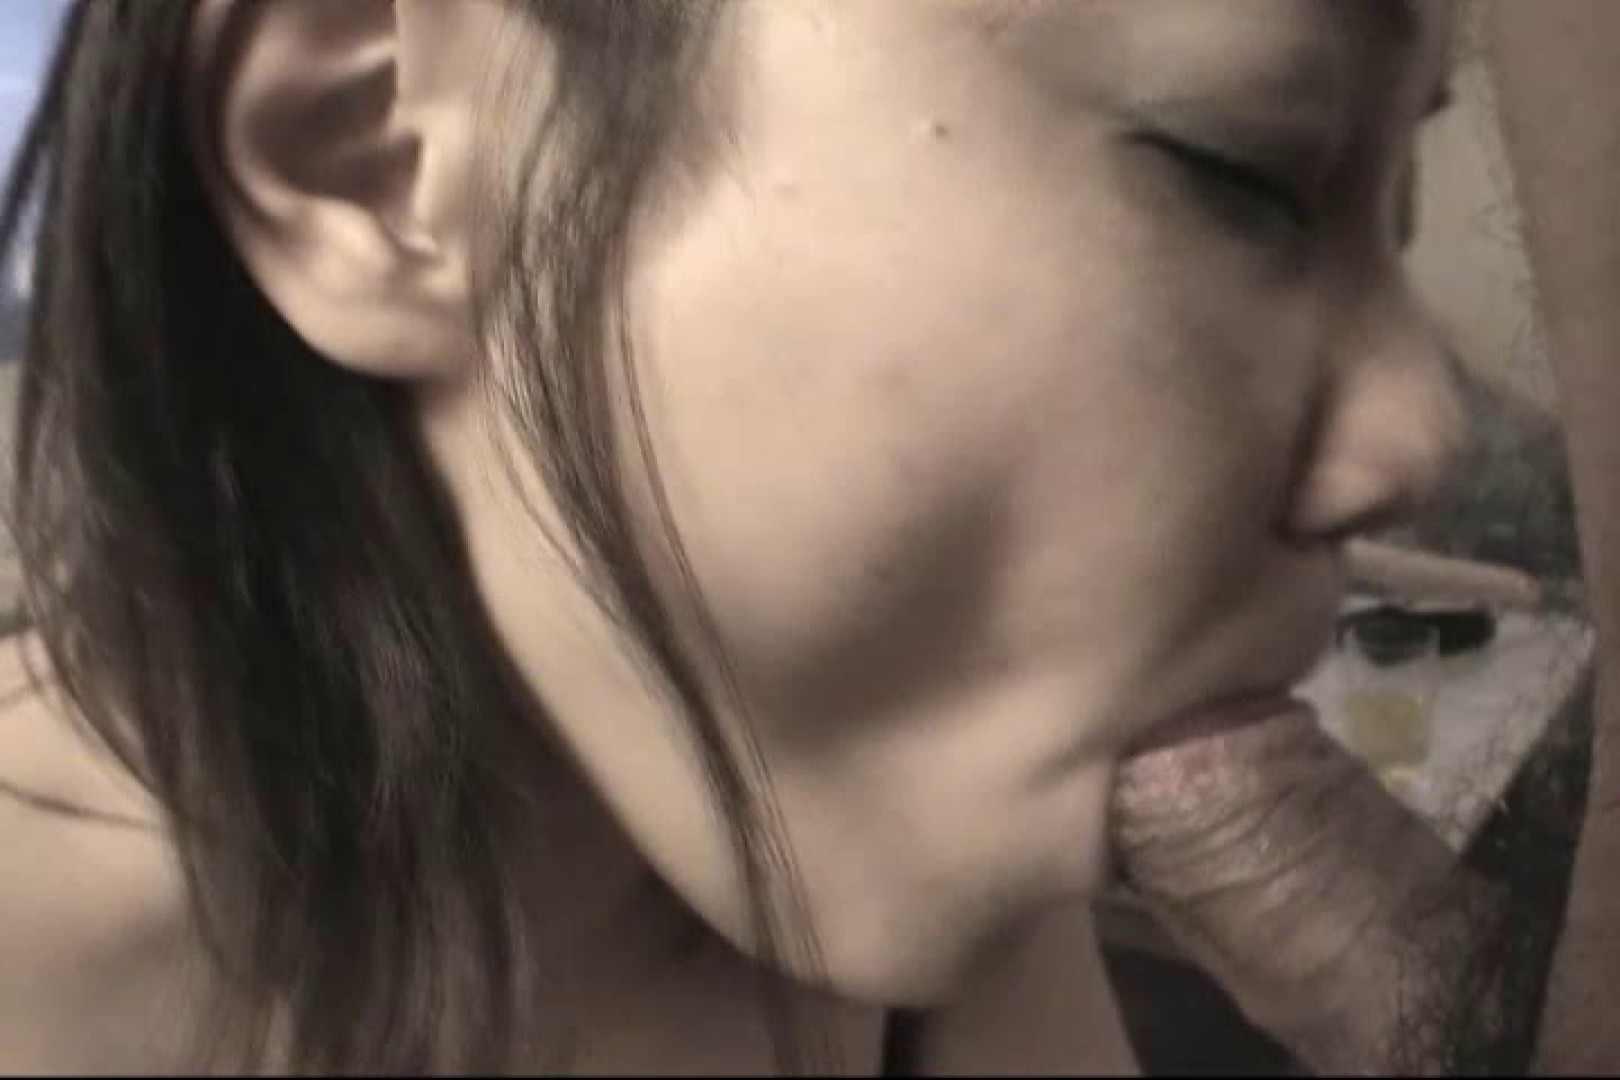 巨乳おまんこ:エロフェロモン全開の彼女に中出しSEX~青山ちか~:大奥